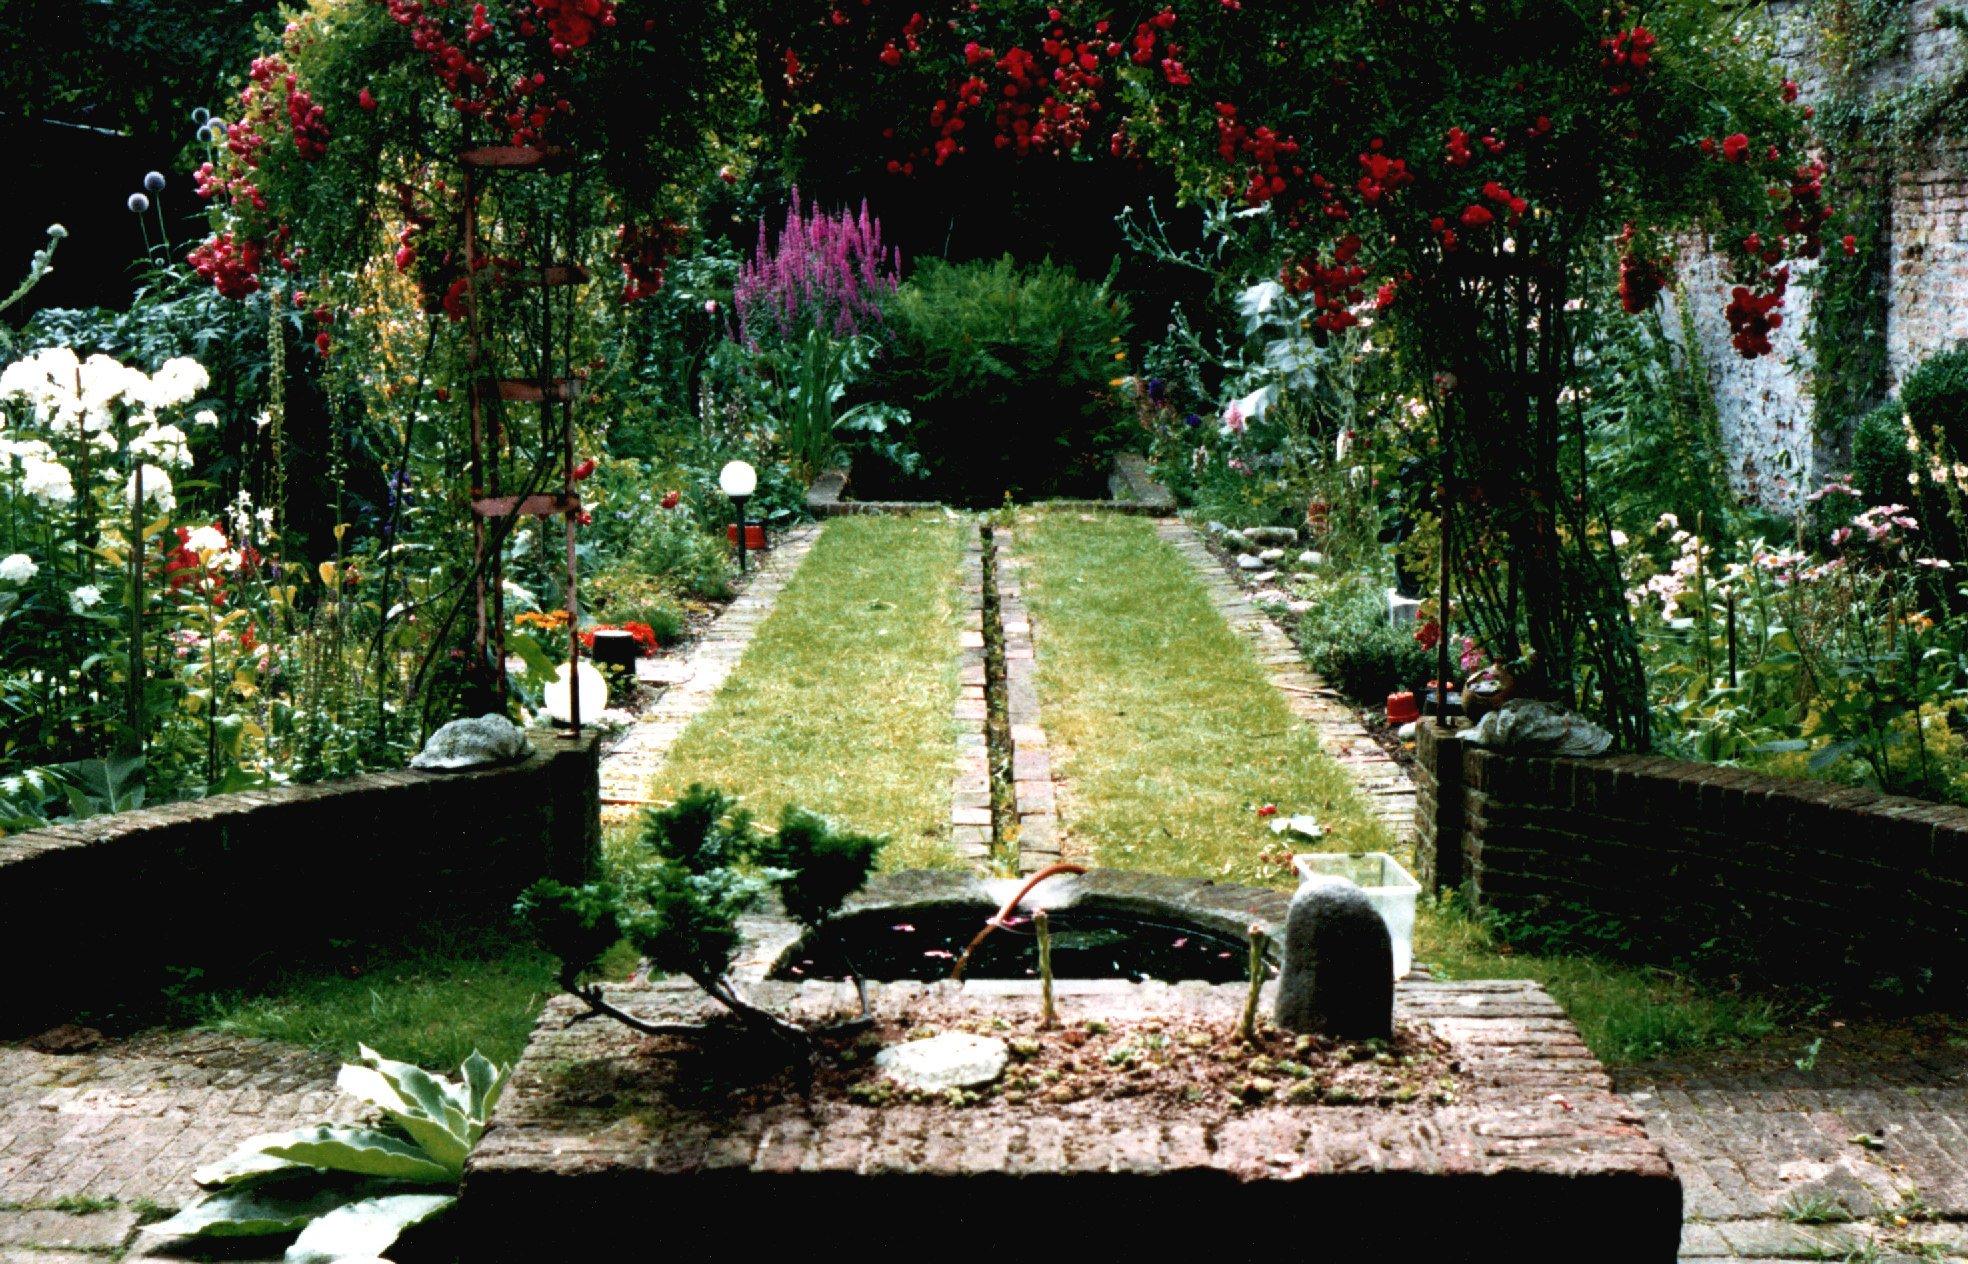 De huidige tuin die wel iets heeft van de verdwenen spaanse tuin